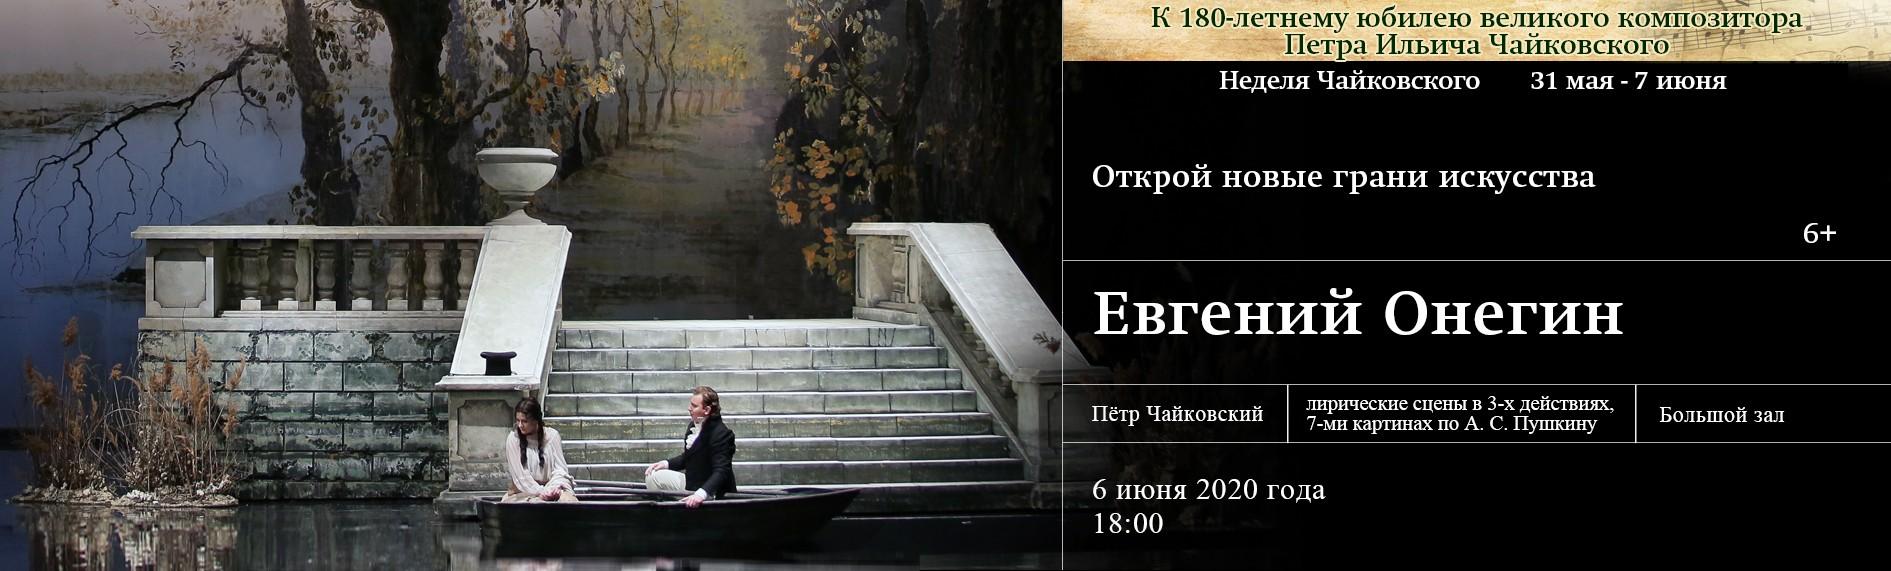 """Неделя П.И.Чайковского . Опера """"Евгений Онегин"""""""